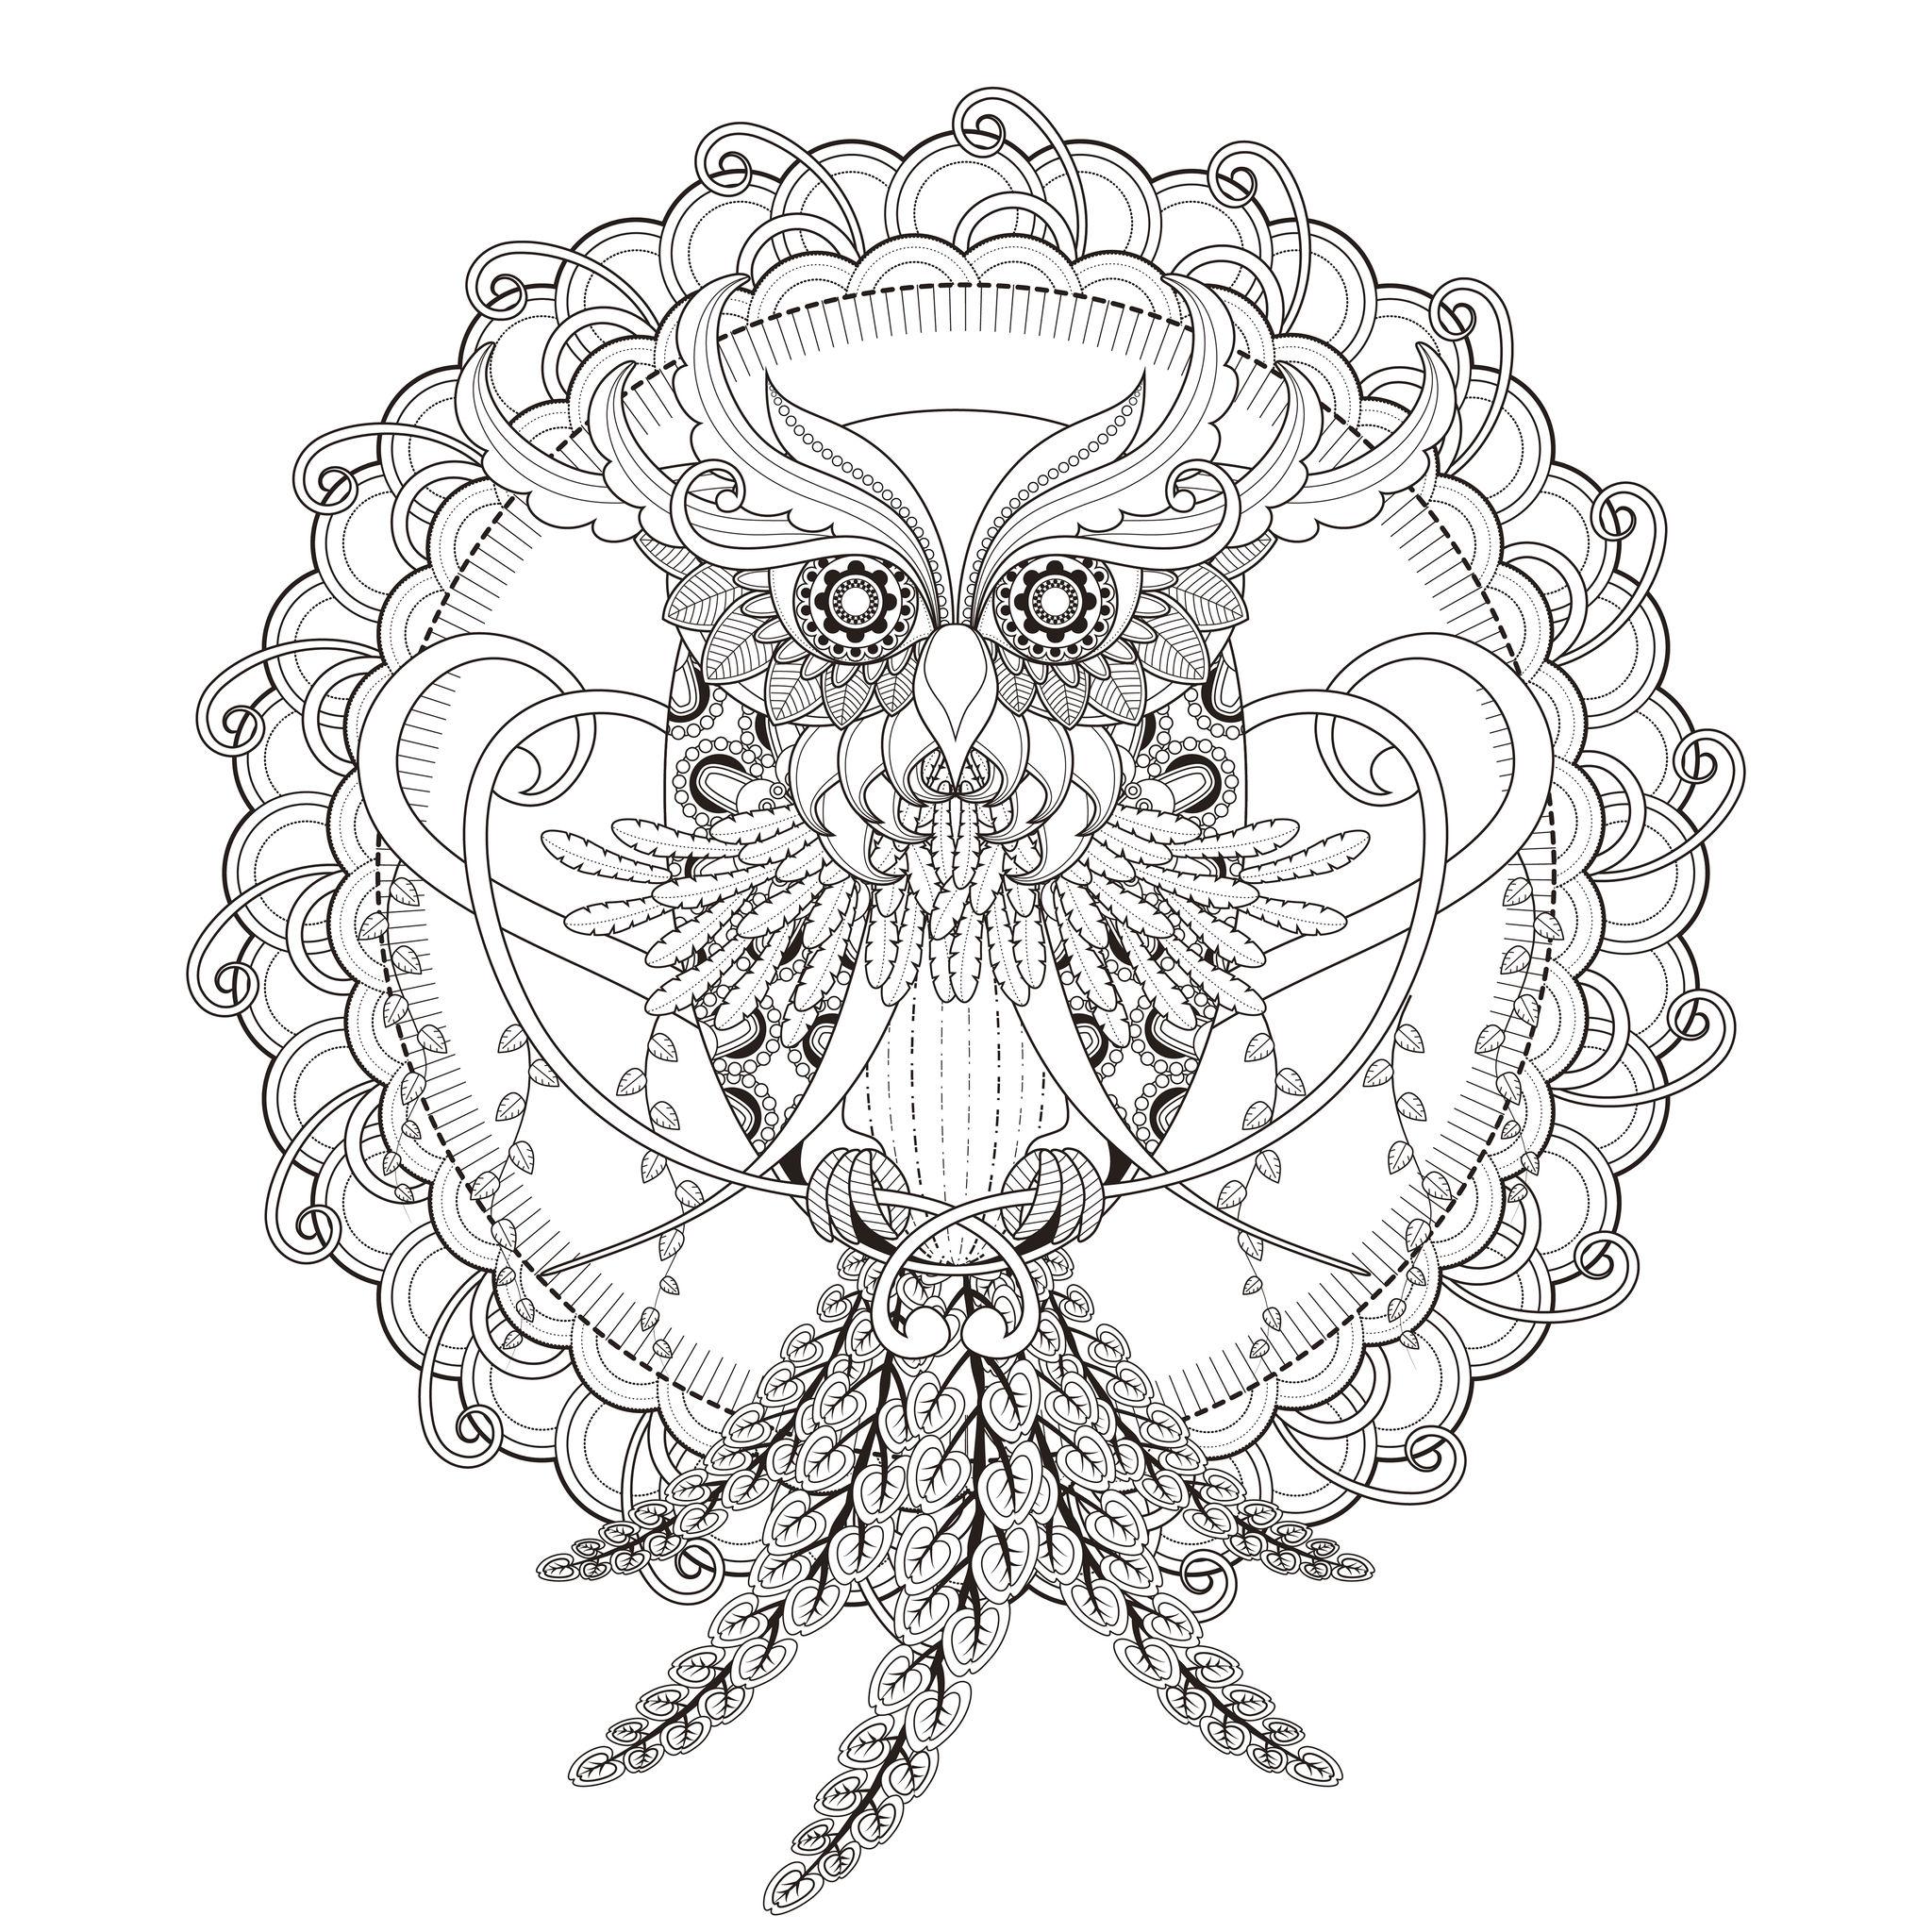 INCREDIBLE Owl Mandala coloring pageFrom the gallery : MandalasArtist : Kchung, Source :  123rf